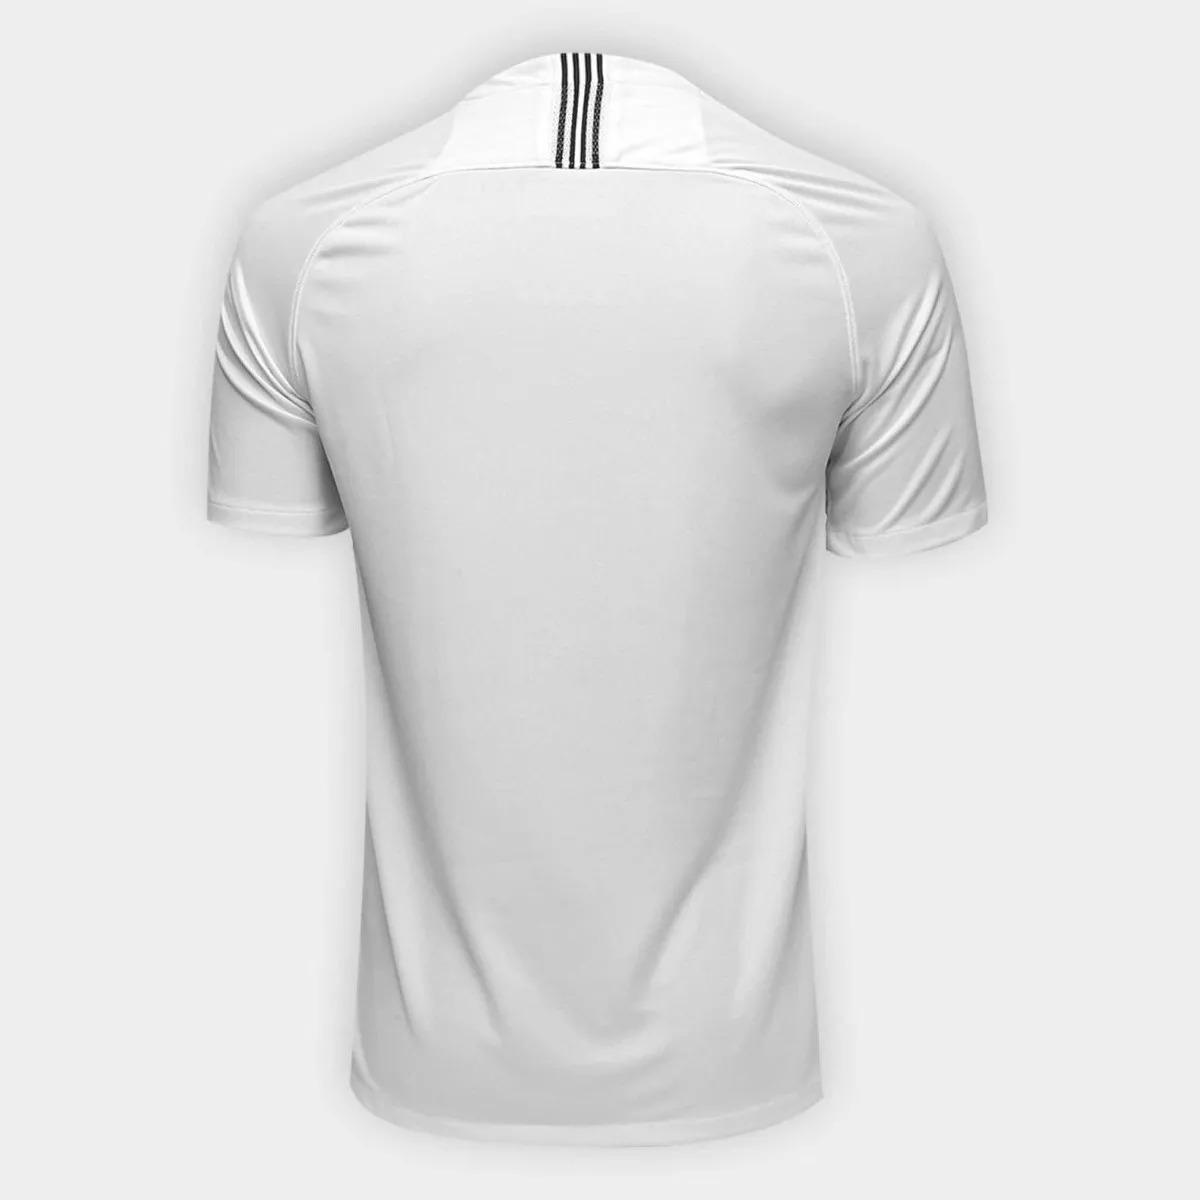 Nova Camisa Nike Oficial Corinthians 2018 2019 - R  139 0570a034a3279